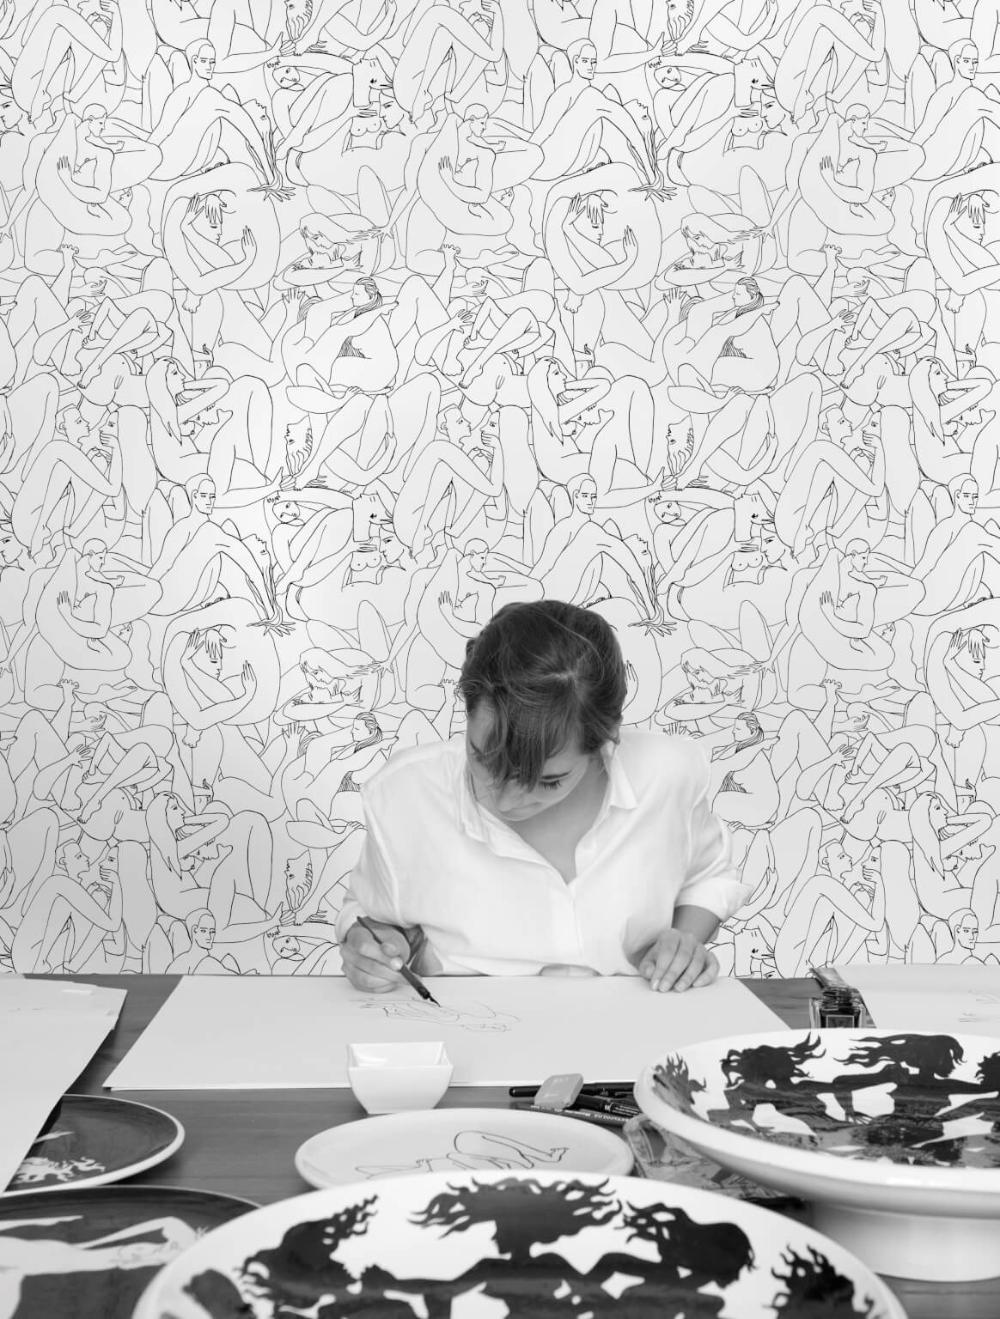 FP370001 Le Couple | Pierre Frey en 2020 | Papier peint, Papier peint pierre frey, Maison de thé